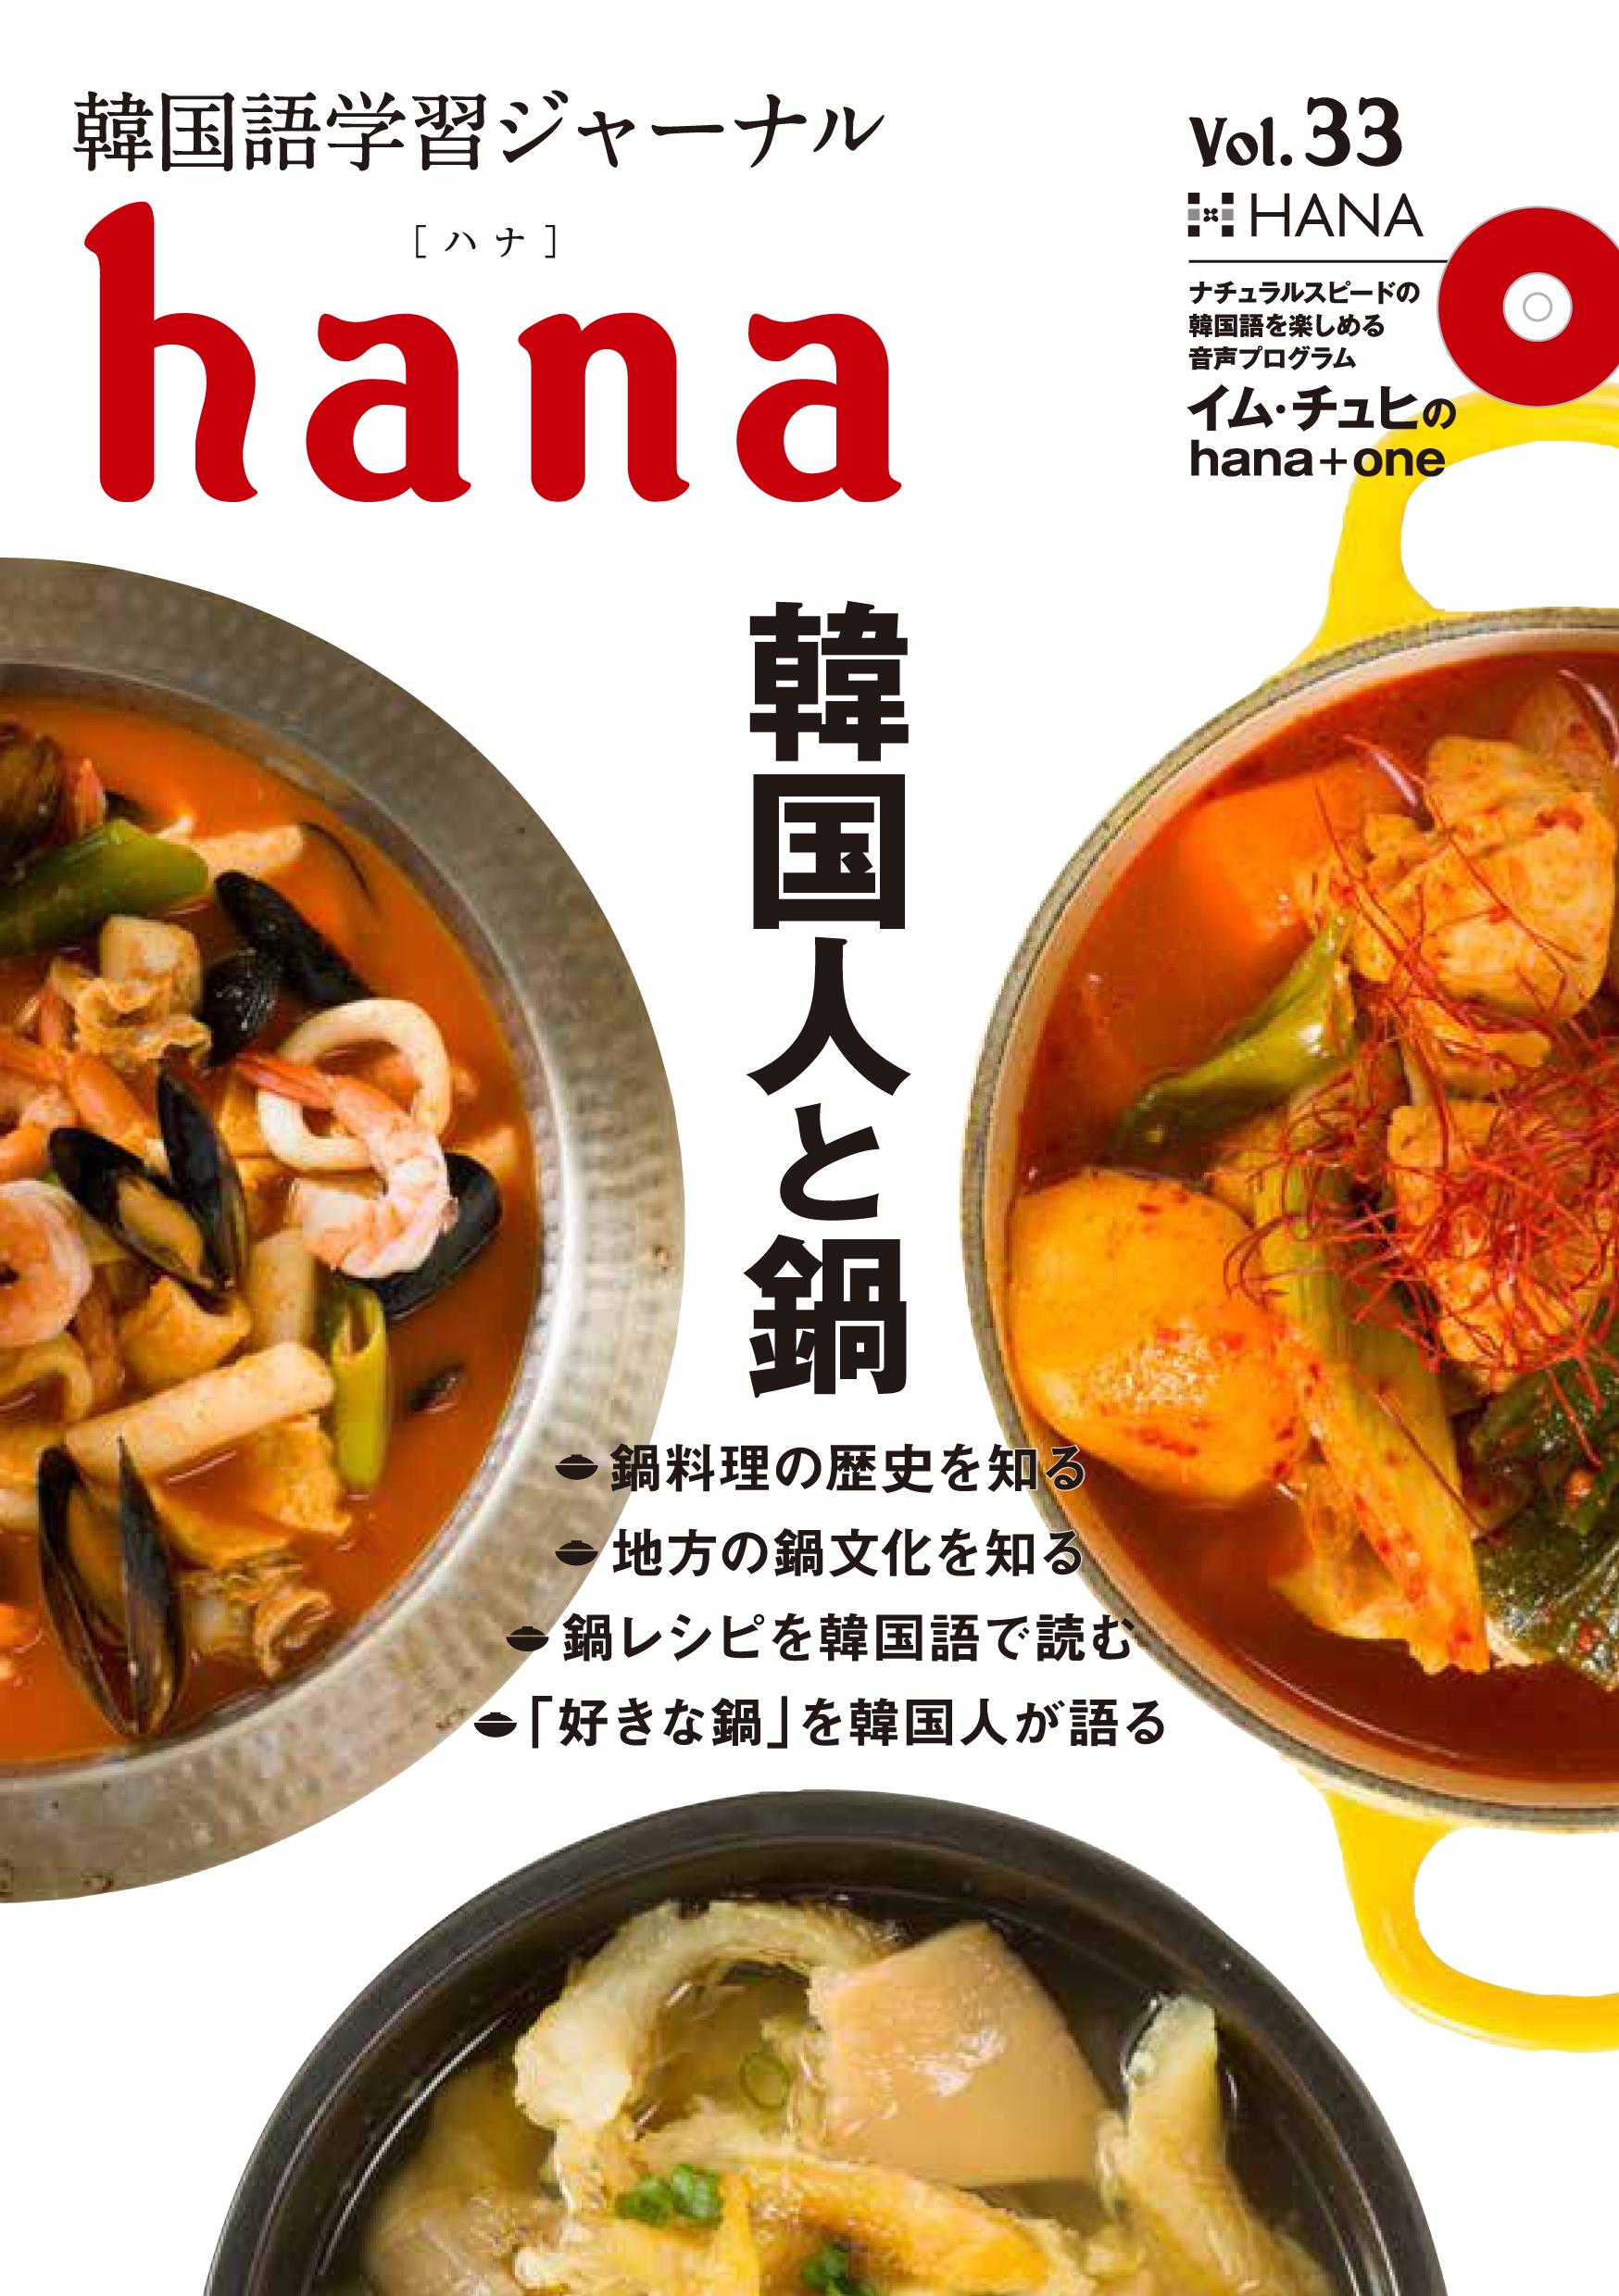 『韓国語学習ジャーナルhana Vol. 33』のイメージ